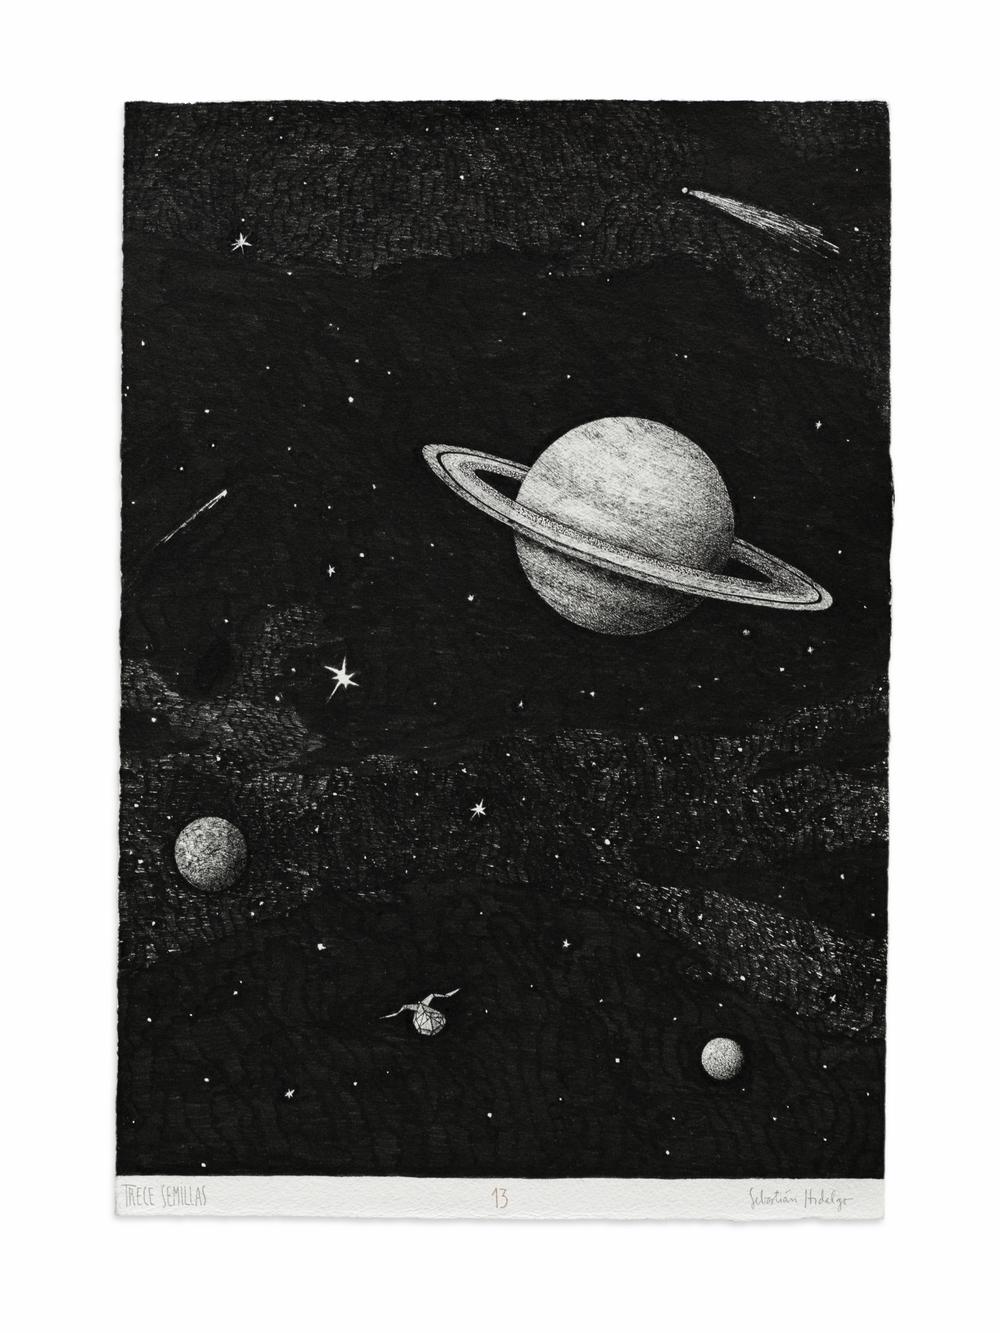 Trece semillas/13, 2015 Ink on paper, 39 x 26.5 cm